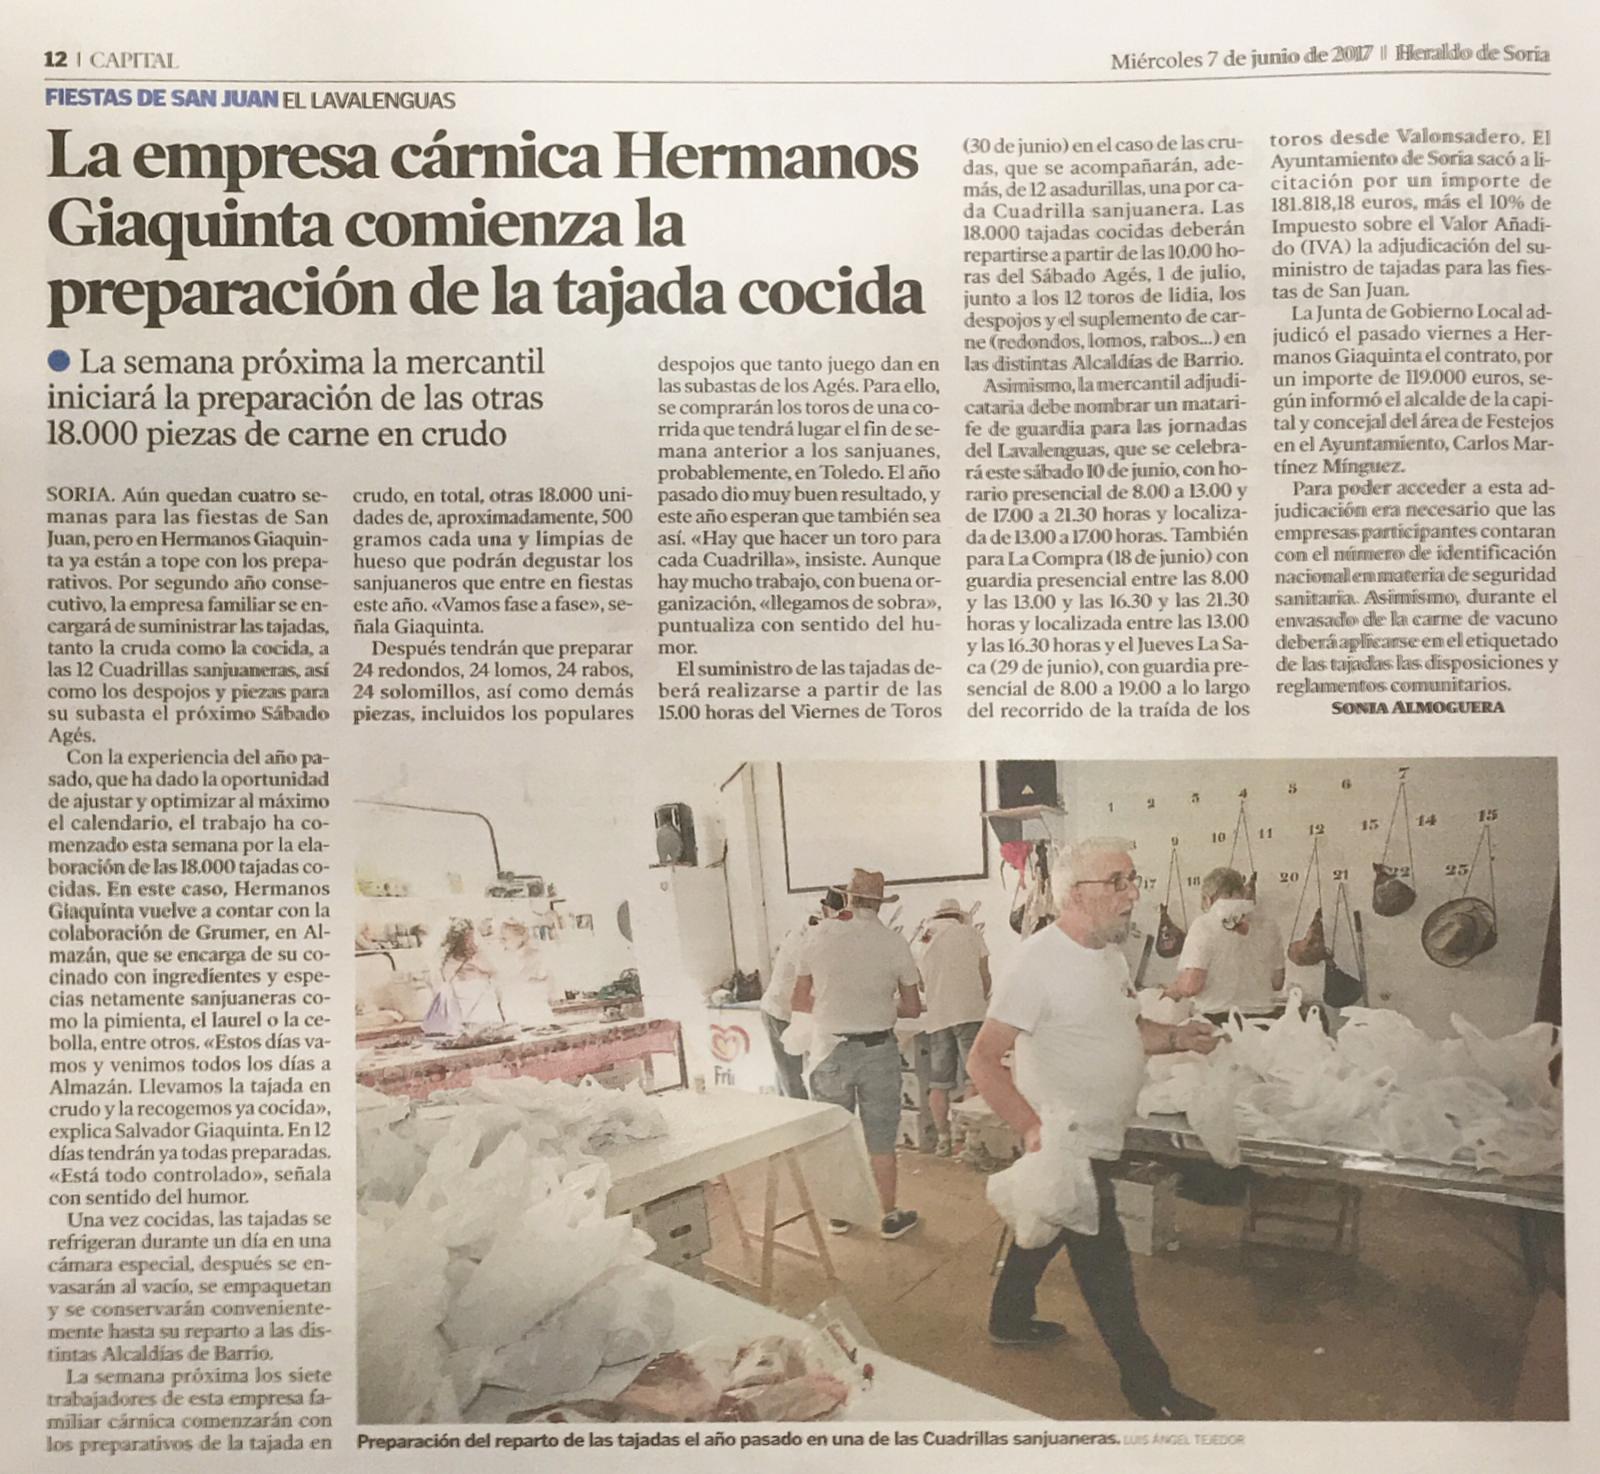 La empresa cárnica Hermanos Giaquinta comienza la preparación de la tajada cocida